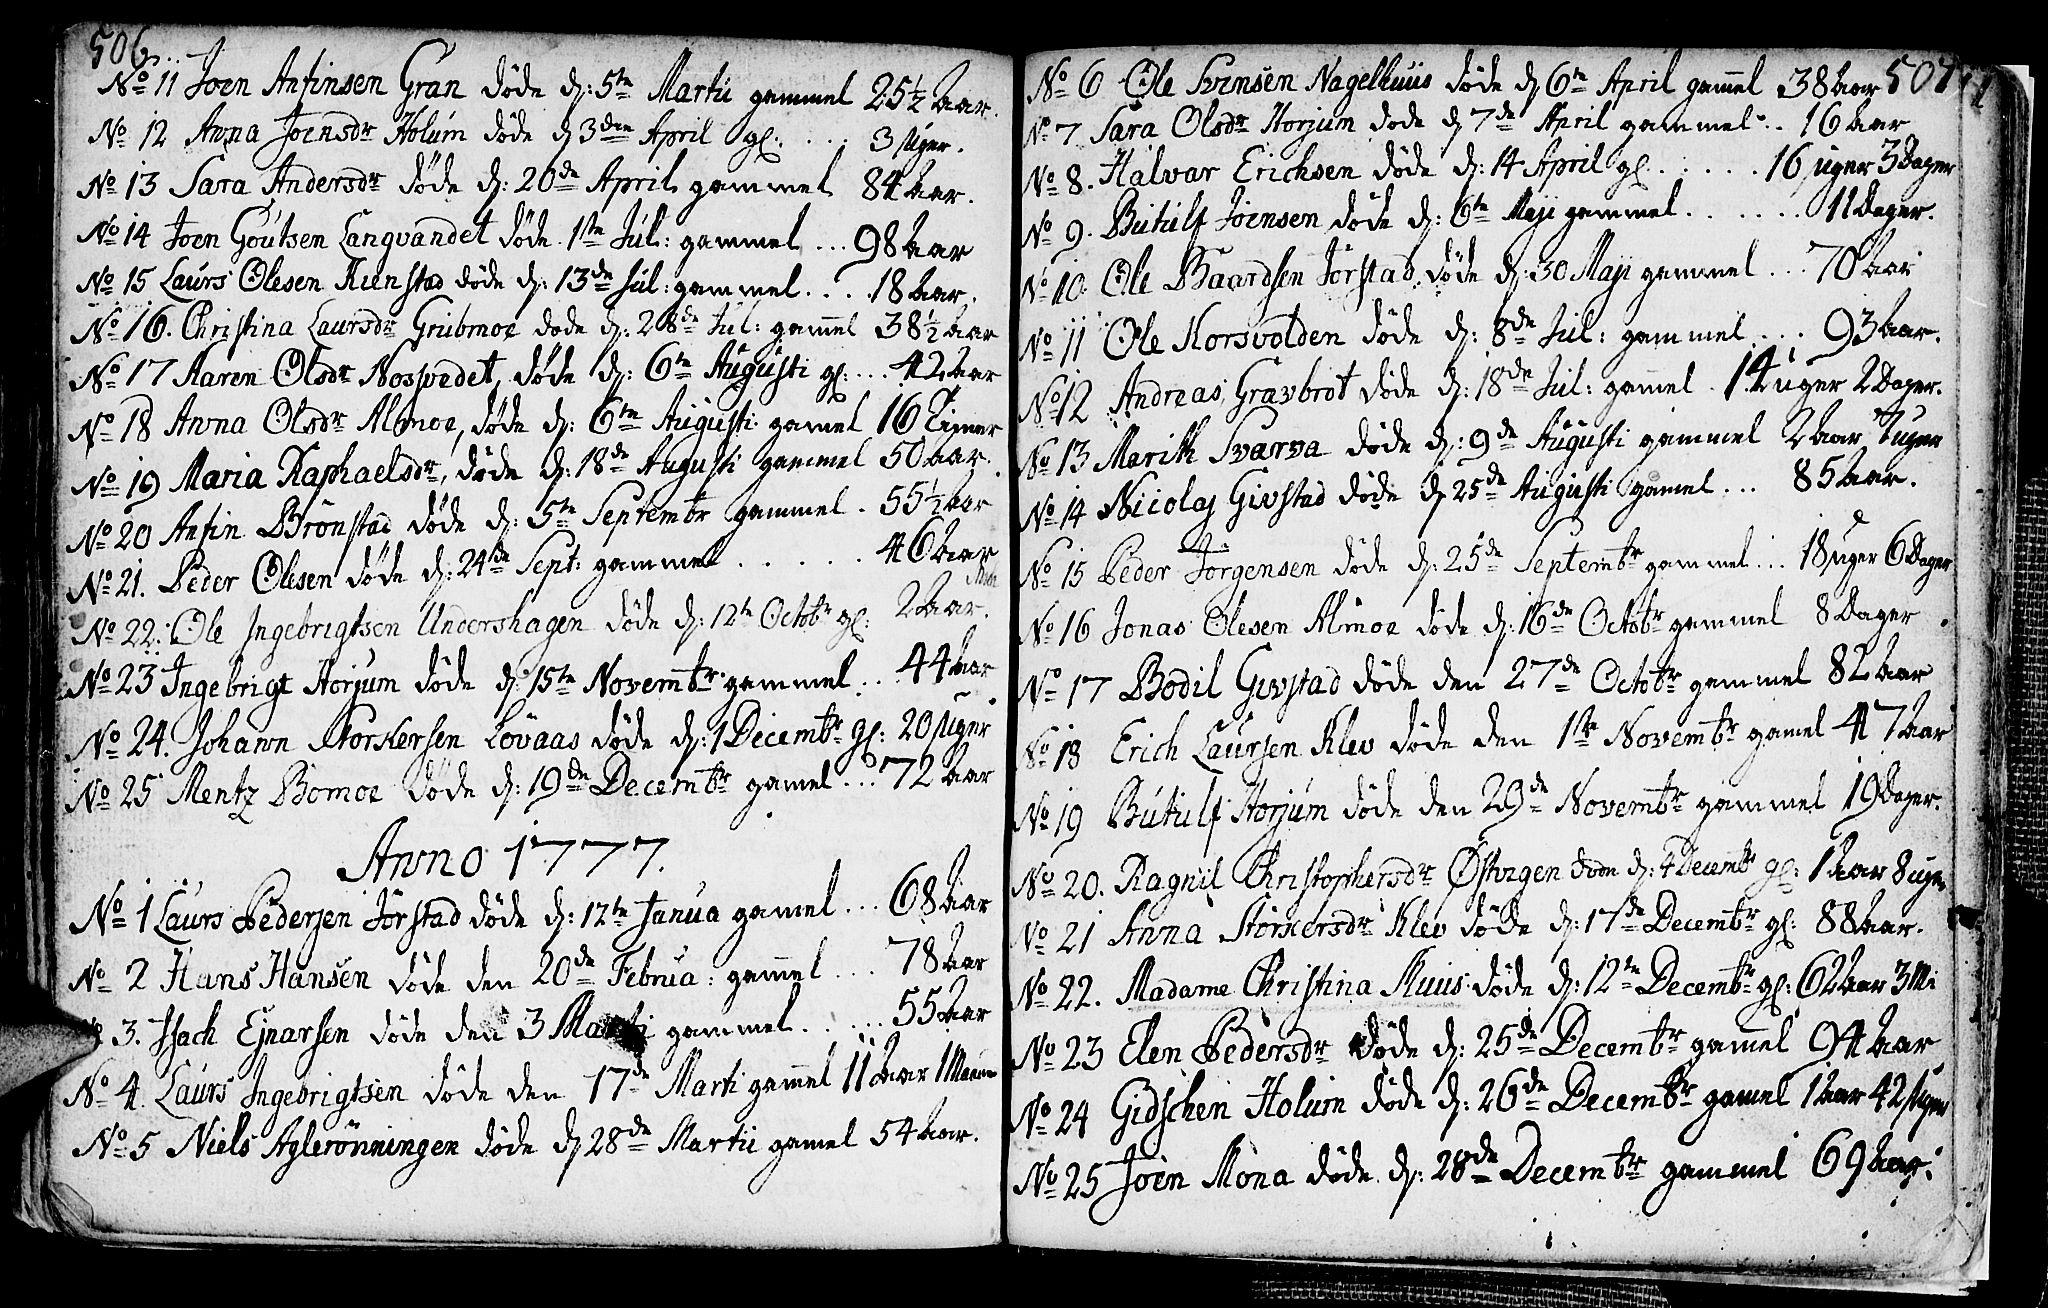 SAT, Ministerialprotokoller, klokkerbøker og fødselsregistre - Nord-Trøndelag, 749/L0467: Ministerialbok nr. 749A01, 1733-1787, s. 506-507